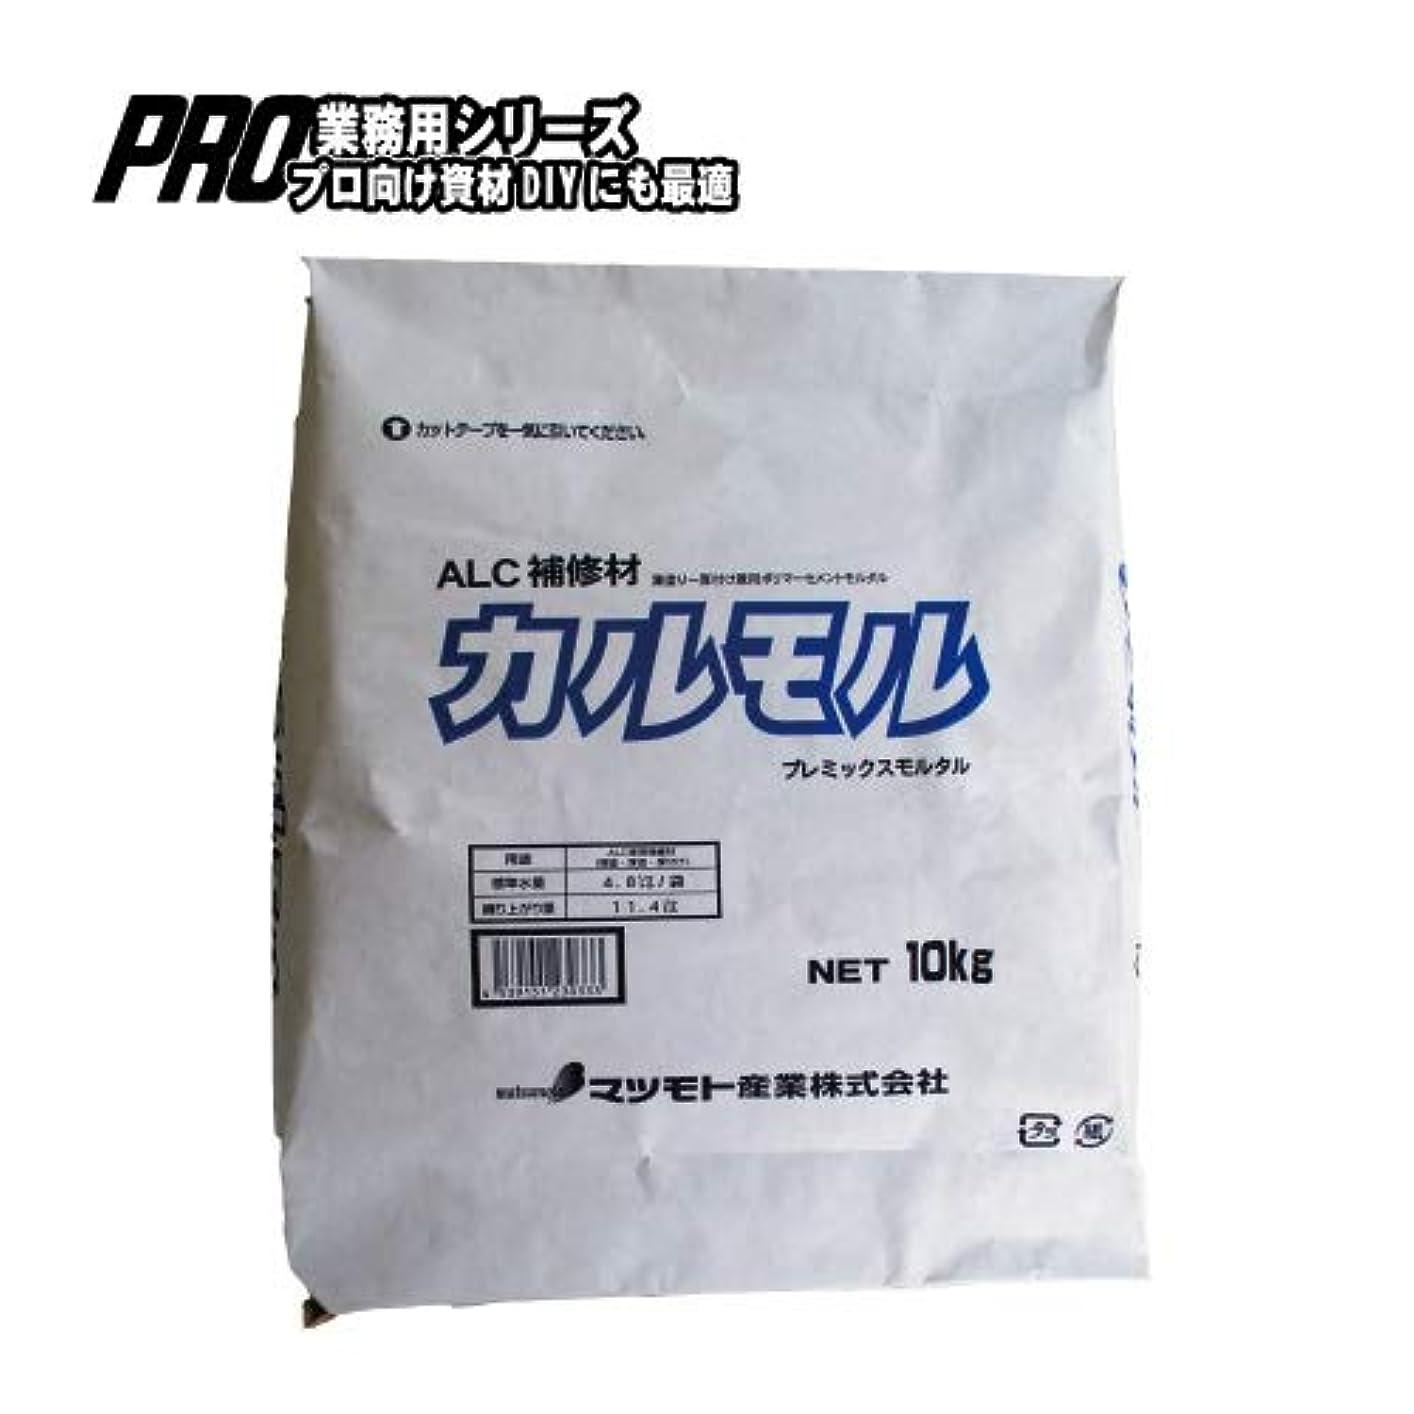 ウェーハ侵入ピンポイントマツモト産業(Matsumotosangyowu) 業務用セメントモルタル プロ向け業務用セメント PAL10 ALC専用モルタル